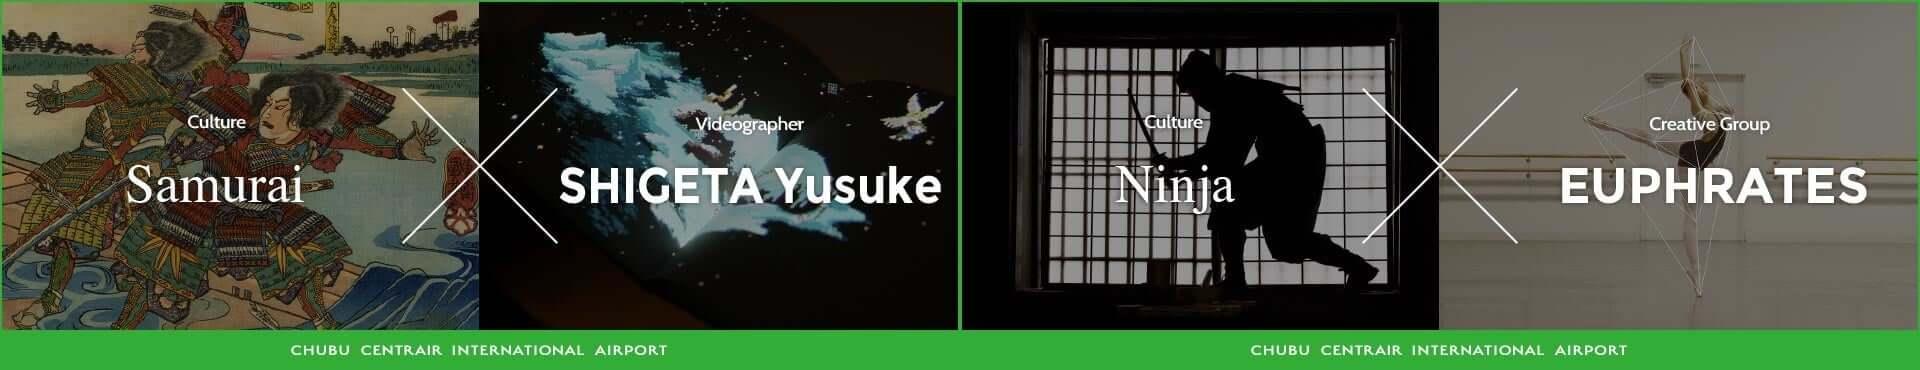 水江未来、比嘉了、齋藤精一らが参加!日本文化を発信する展示プロジェクト「CULTURE GATE to JAPAN」が全国7空港ほかで実施決定 art210121_culture-gate_6-1920x370